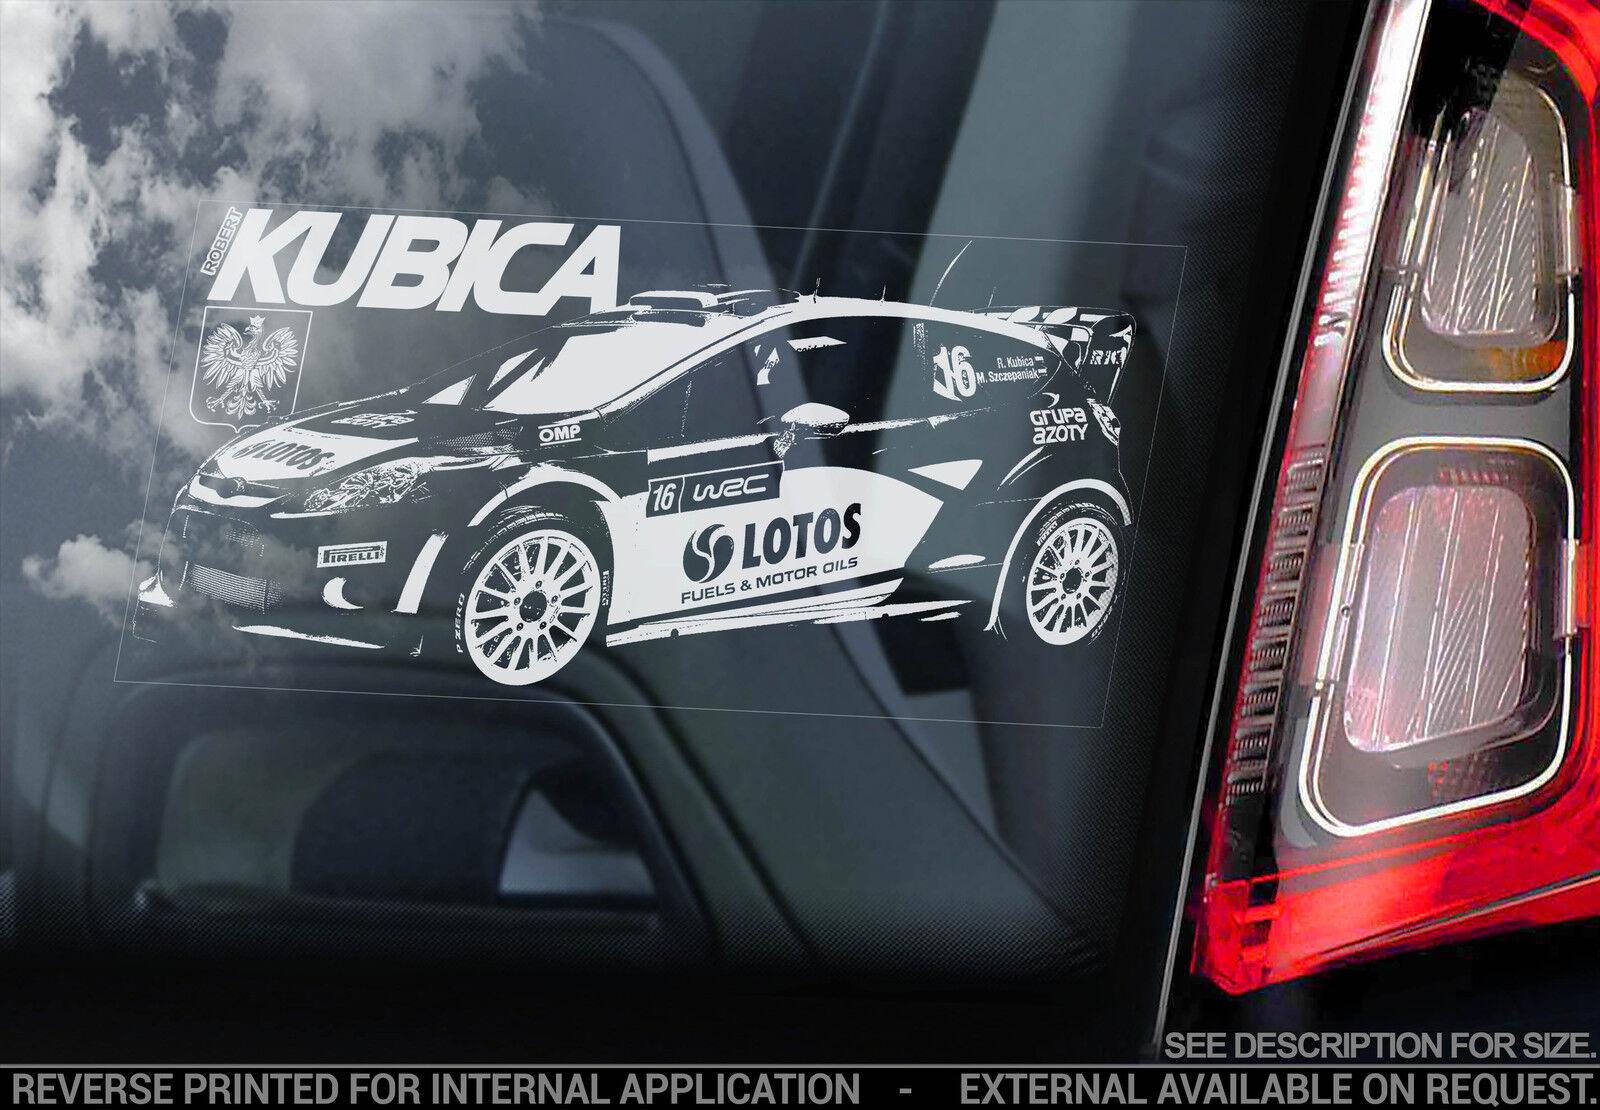 Details about robert kubica car window sticker ford fiesta rally wrc polska poland new